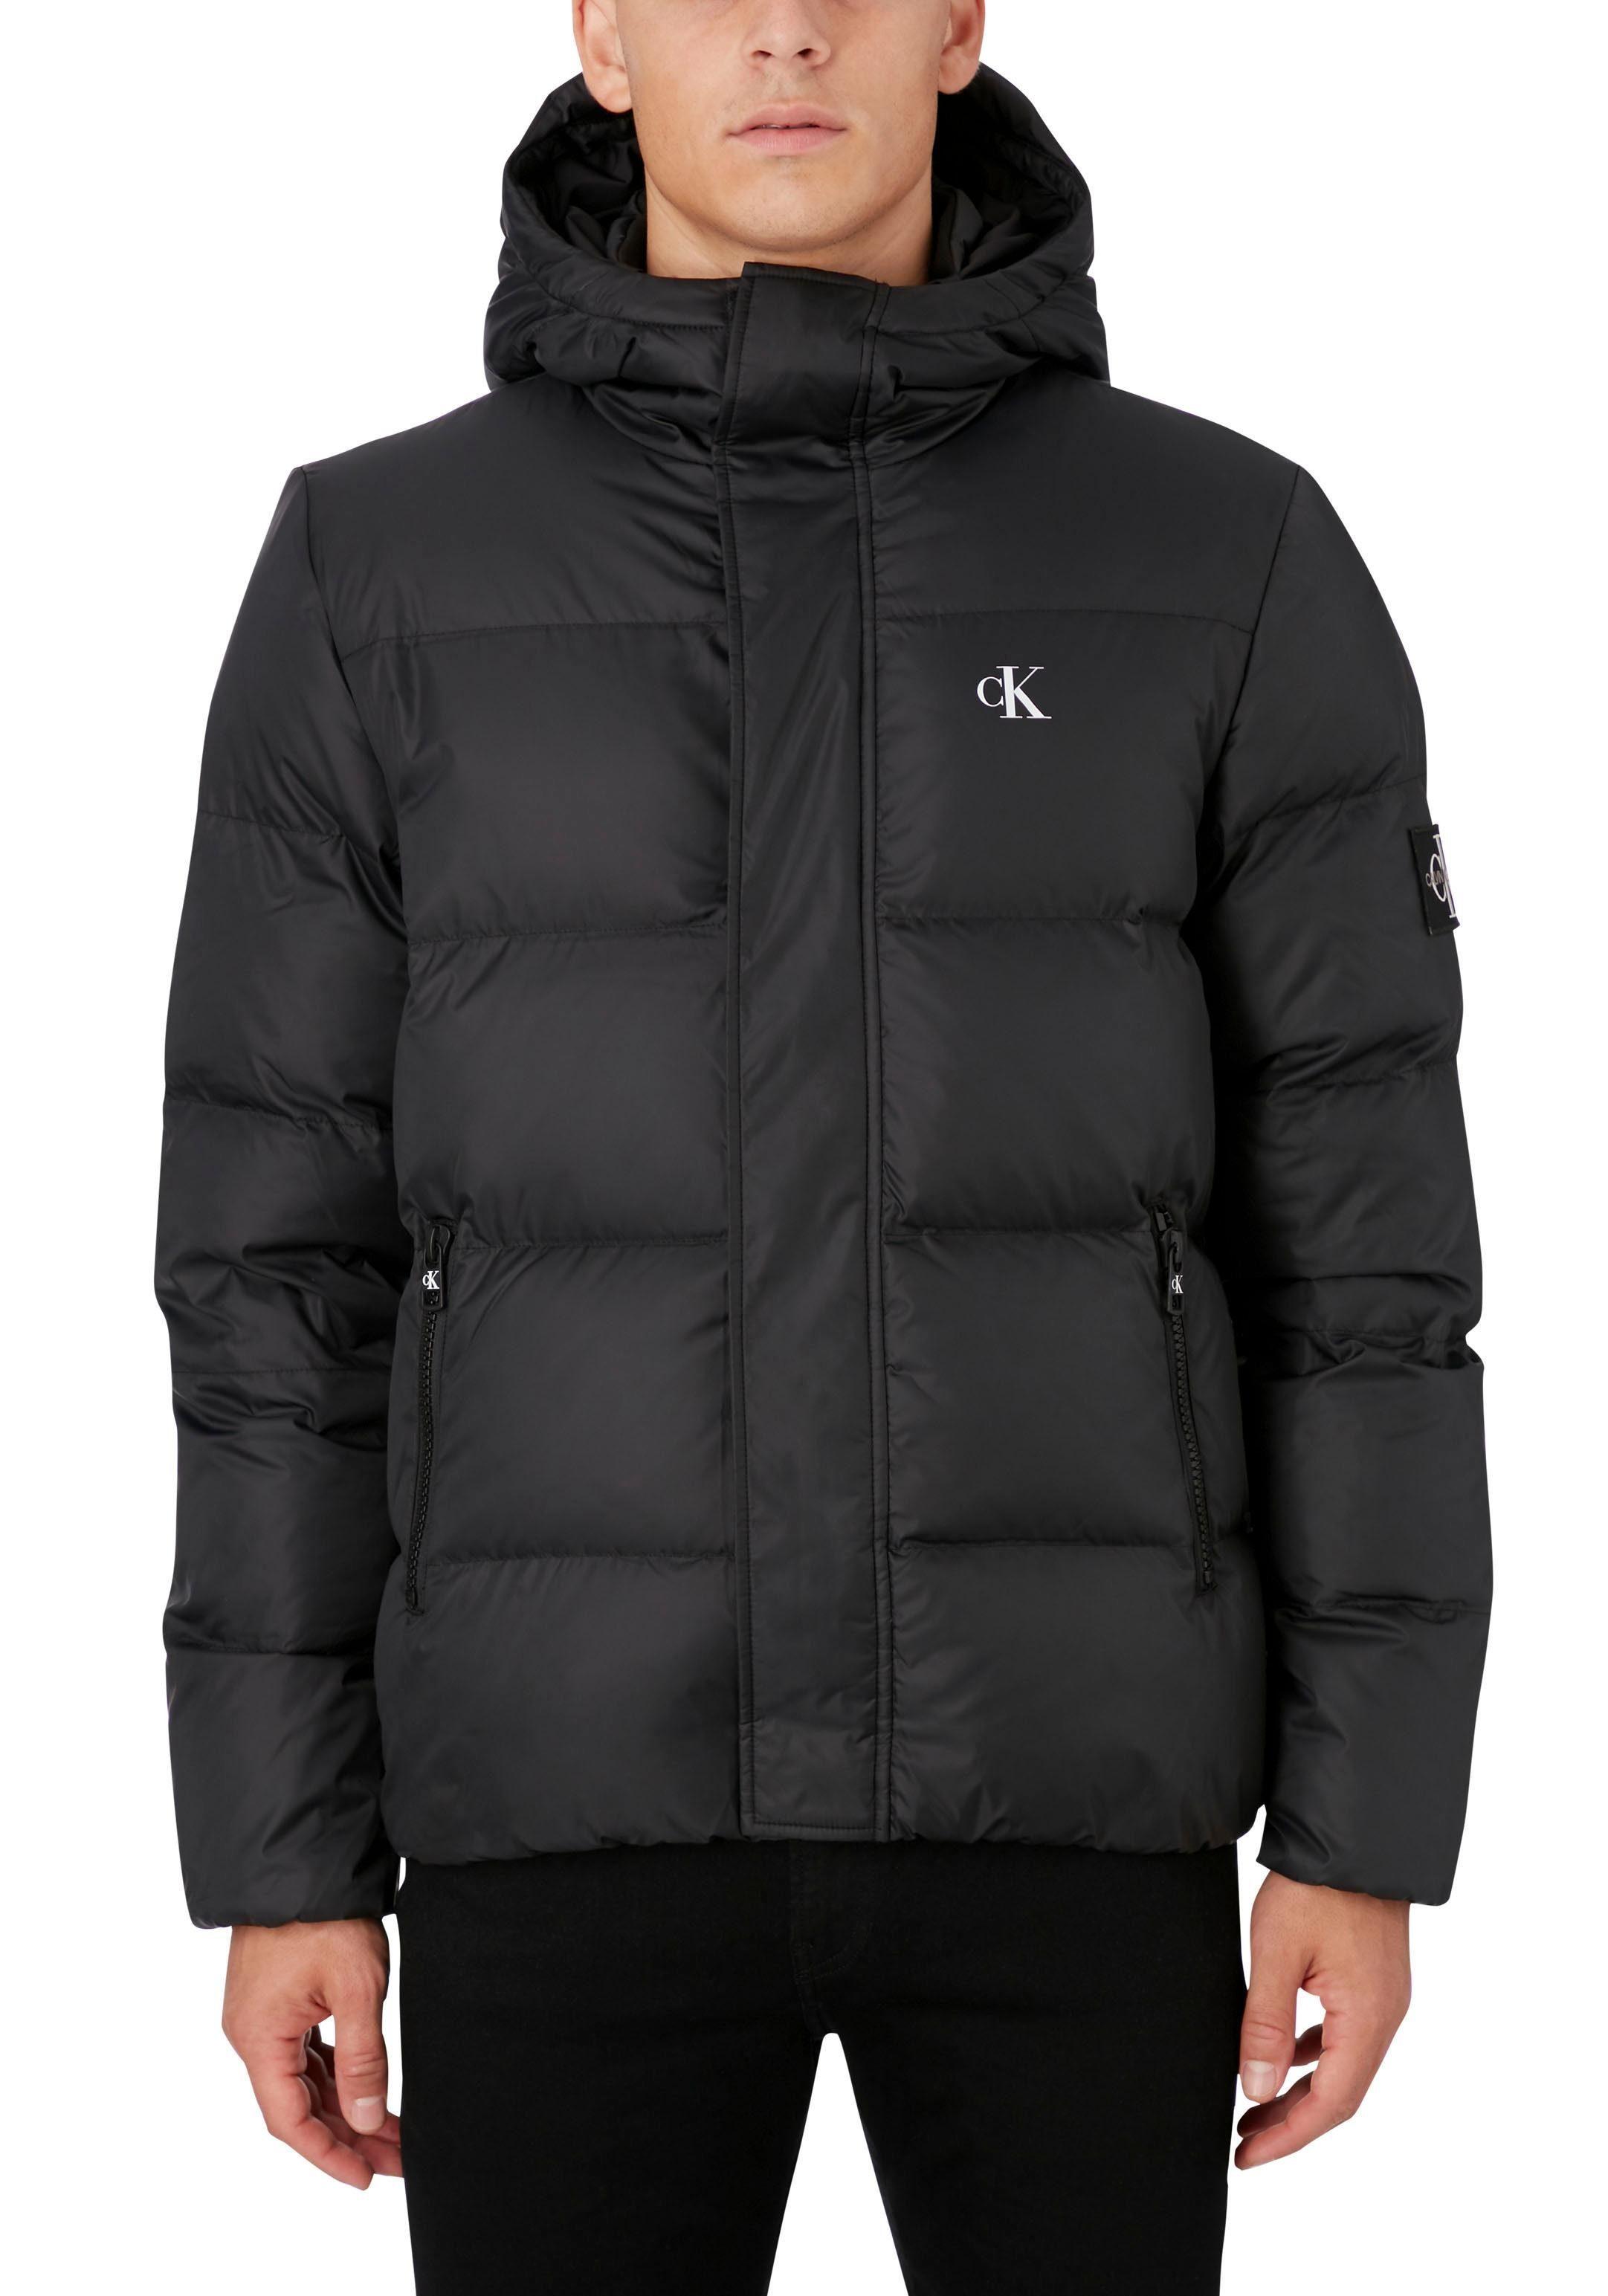 Calvin Klein Gewatteerde Jas Hooded Puffer Jacket Nu Online Bestellen - Geweldige Prijs